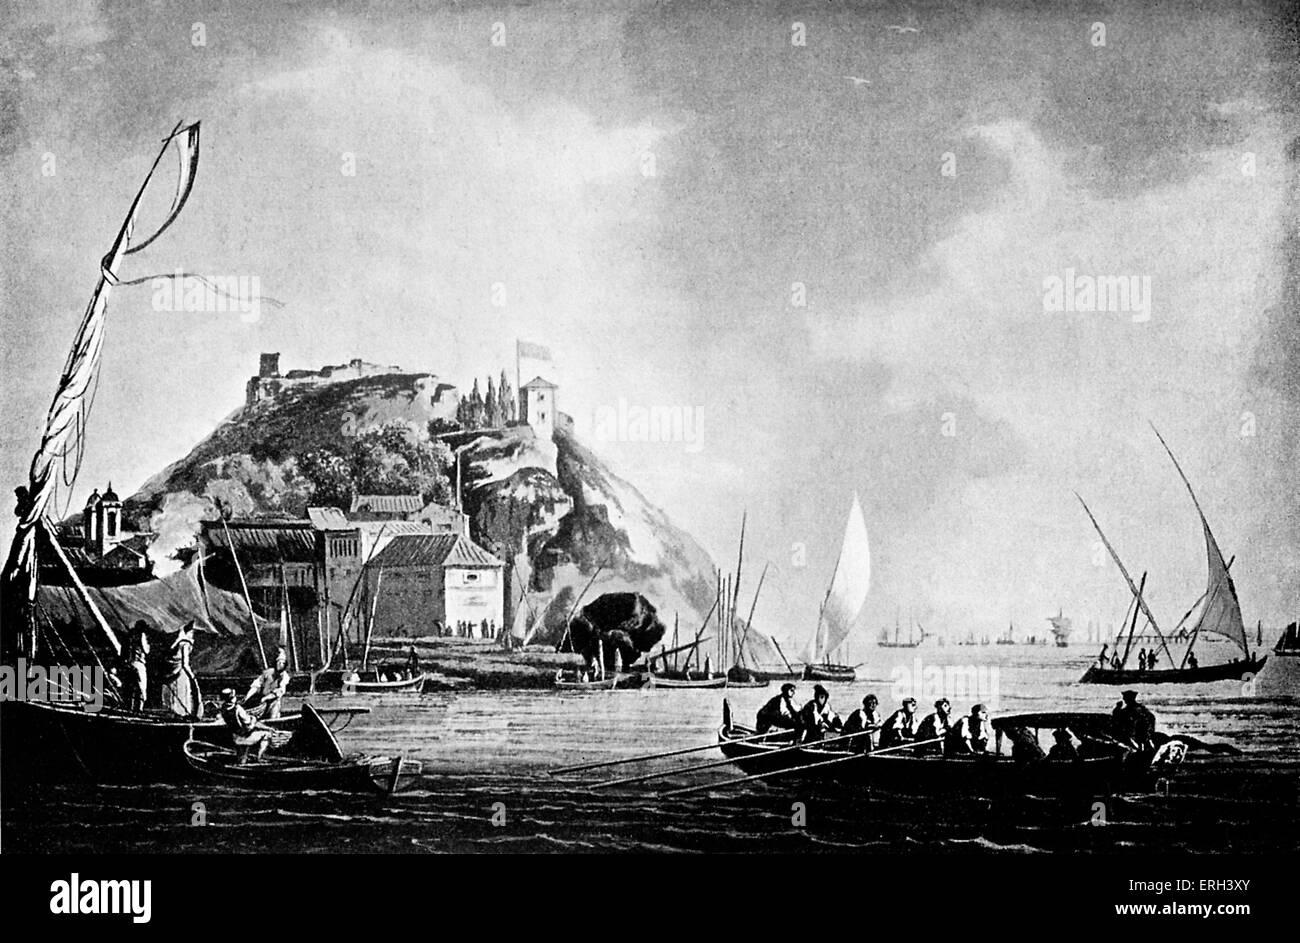 Le port de Lisbonne - 1793. Dessiné par Noel, gravée par puits. La voile et les barques. Photo Stock